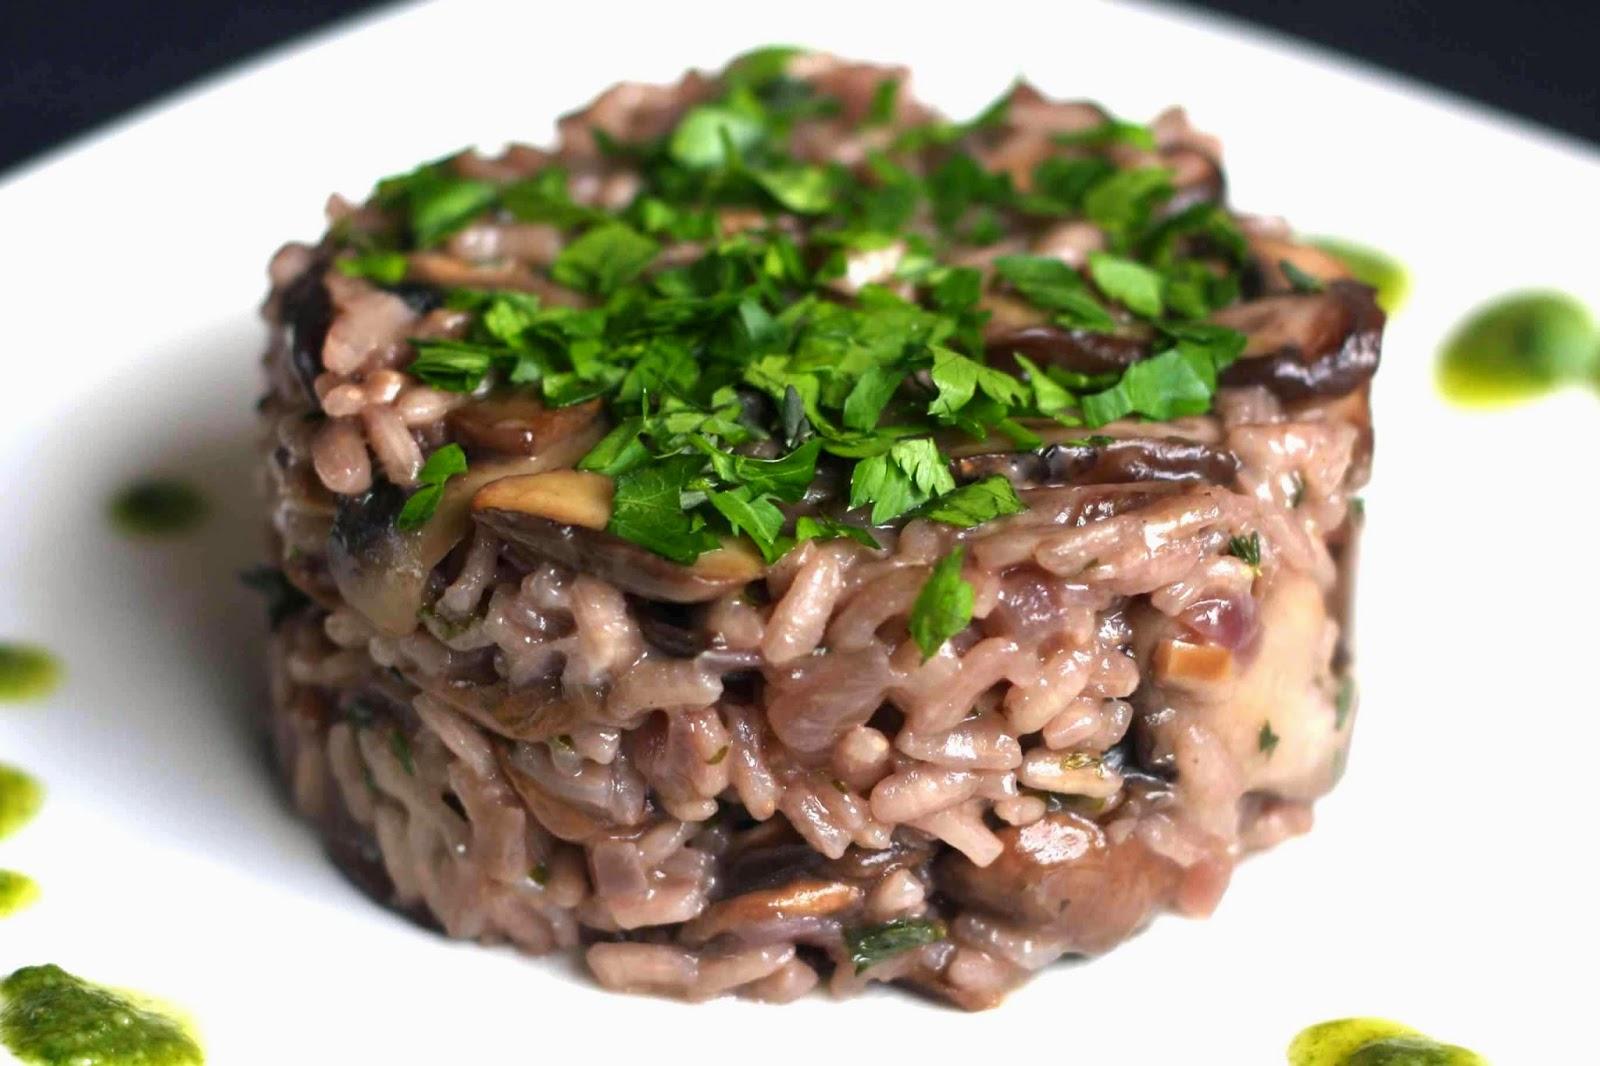 igloo cooking : RISSOTTO DE SETAS Y CHAMPIÑONES AL VINO TINTO